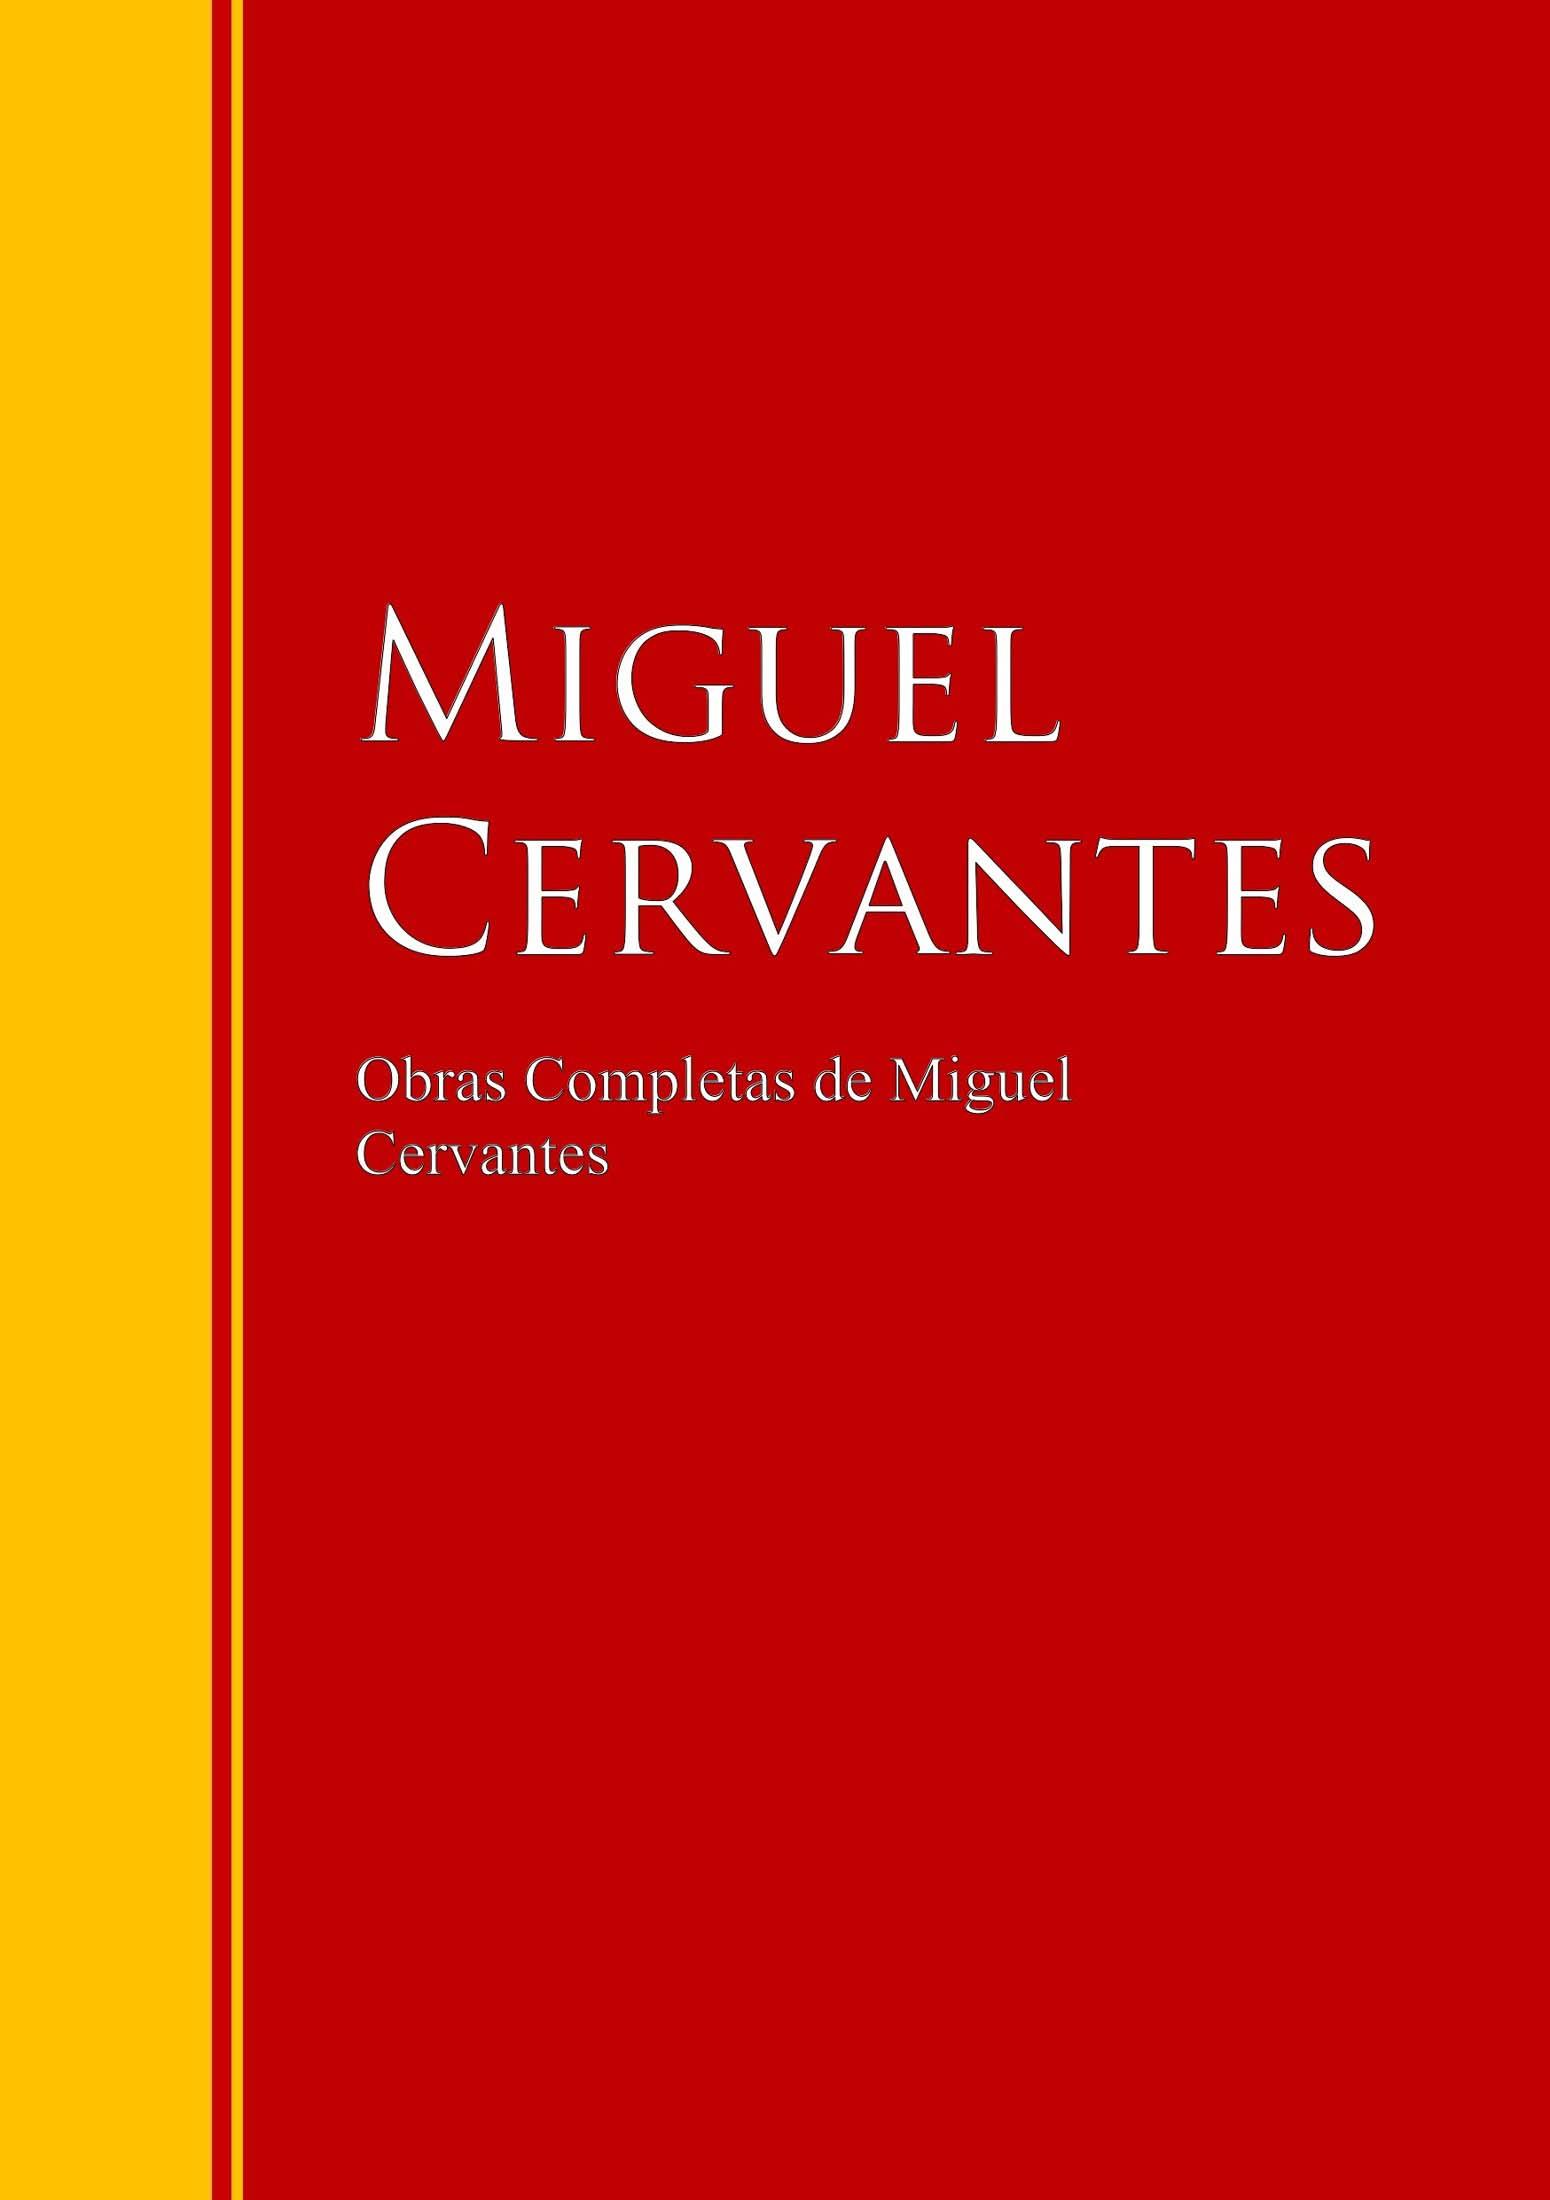 Miguel de Cervantes Saavedra Obras Completas de Miguel Cervantes luis miguel mexico